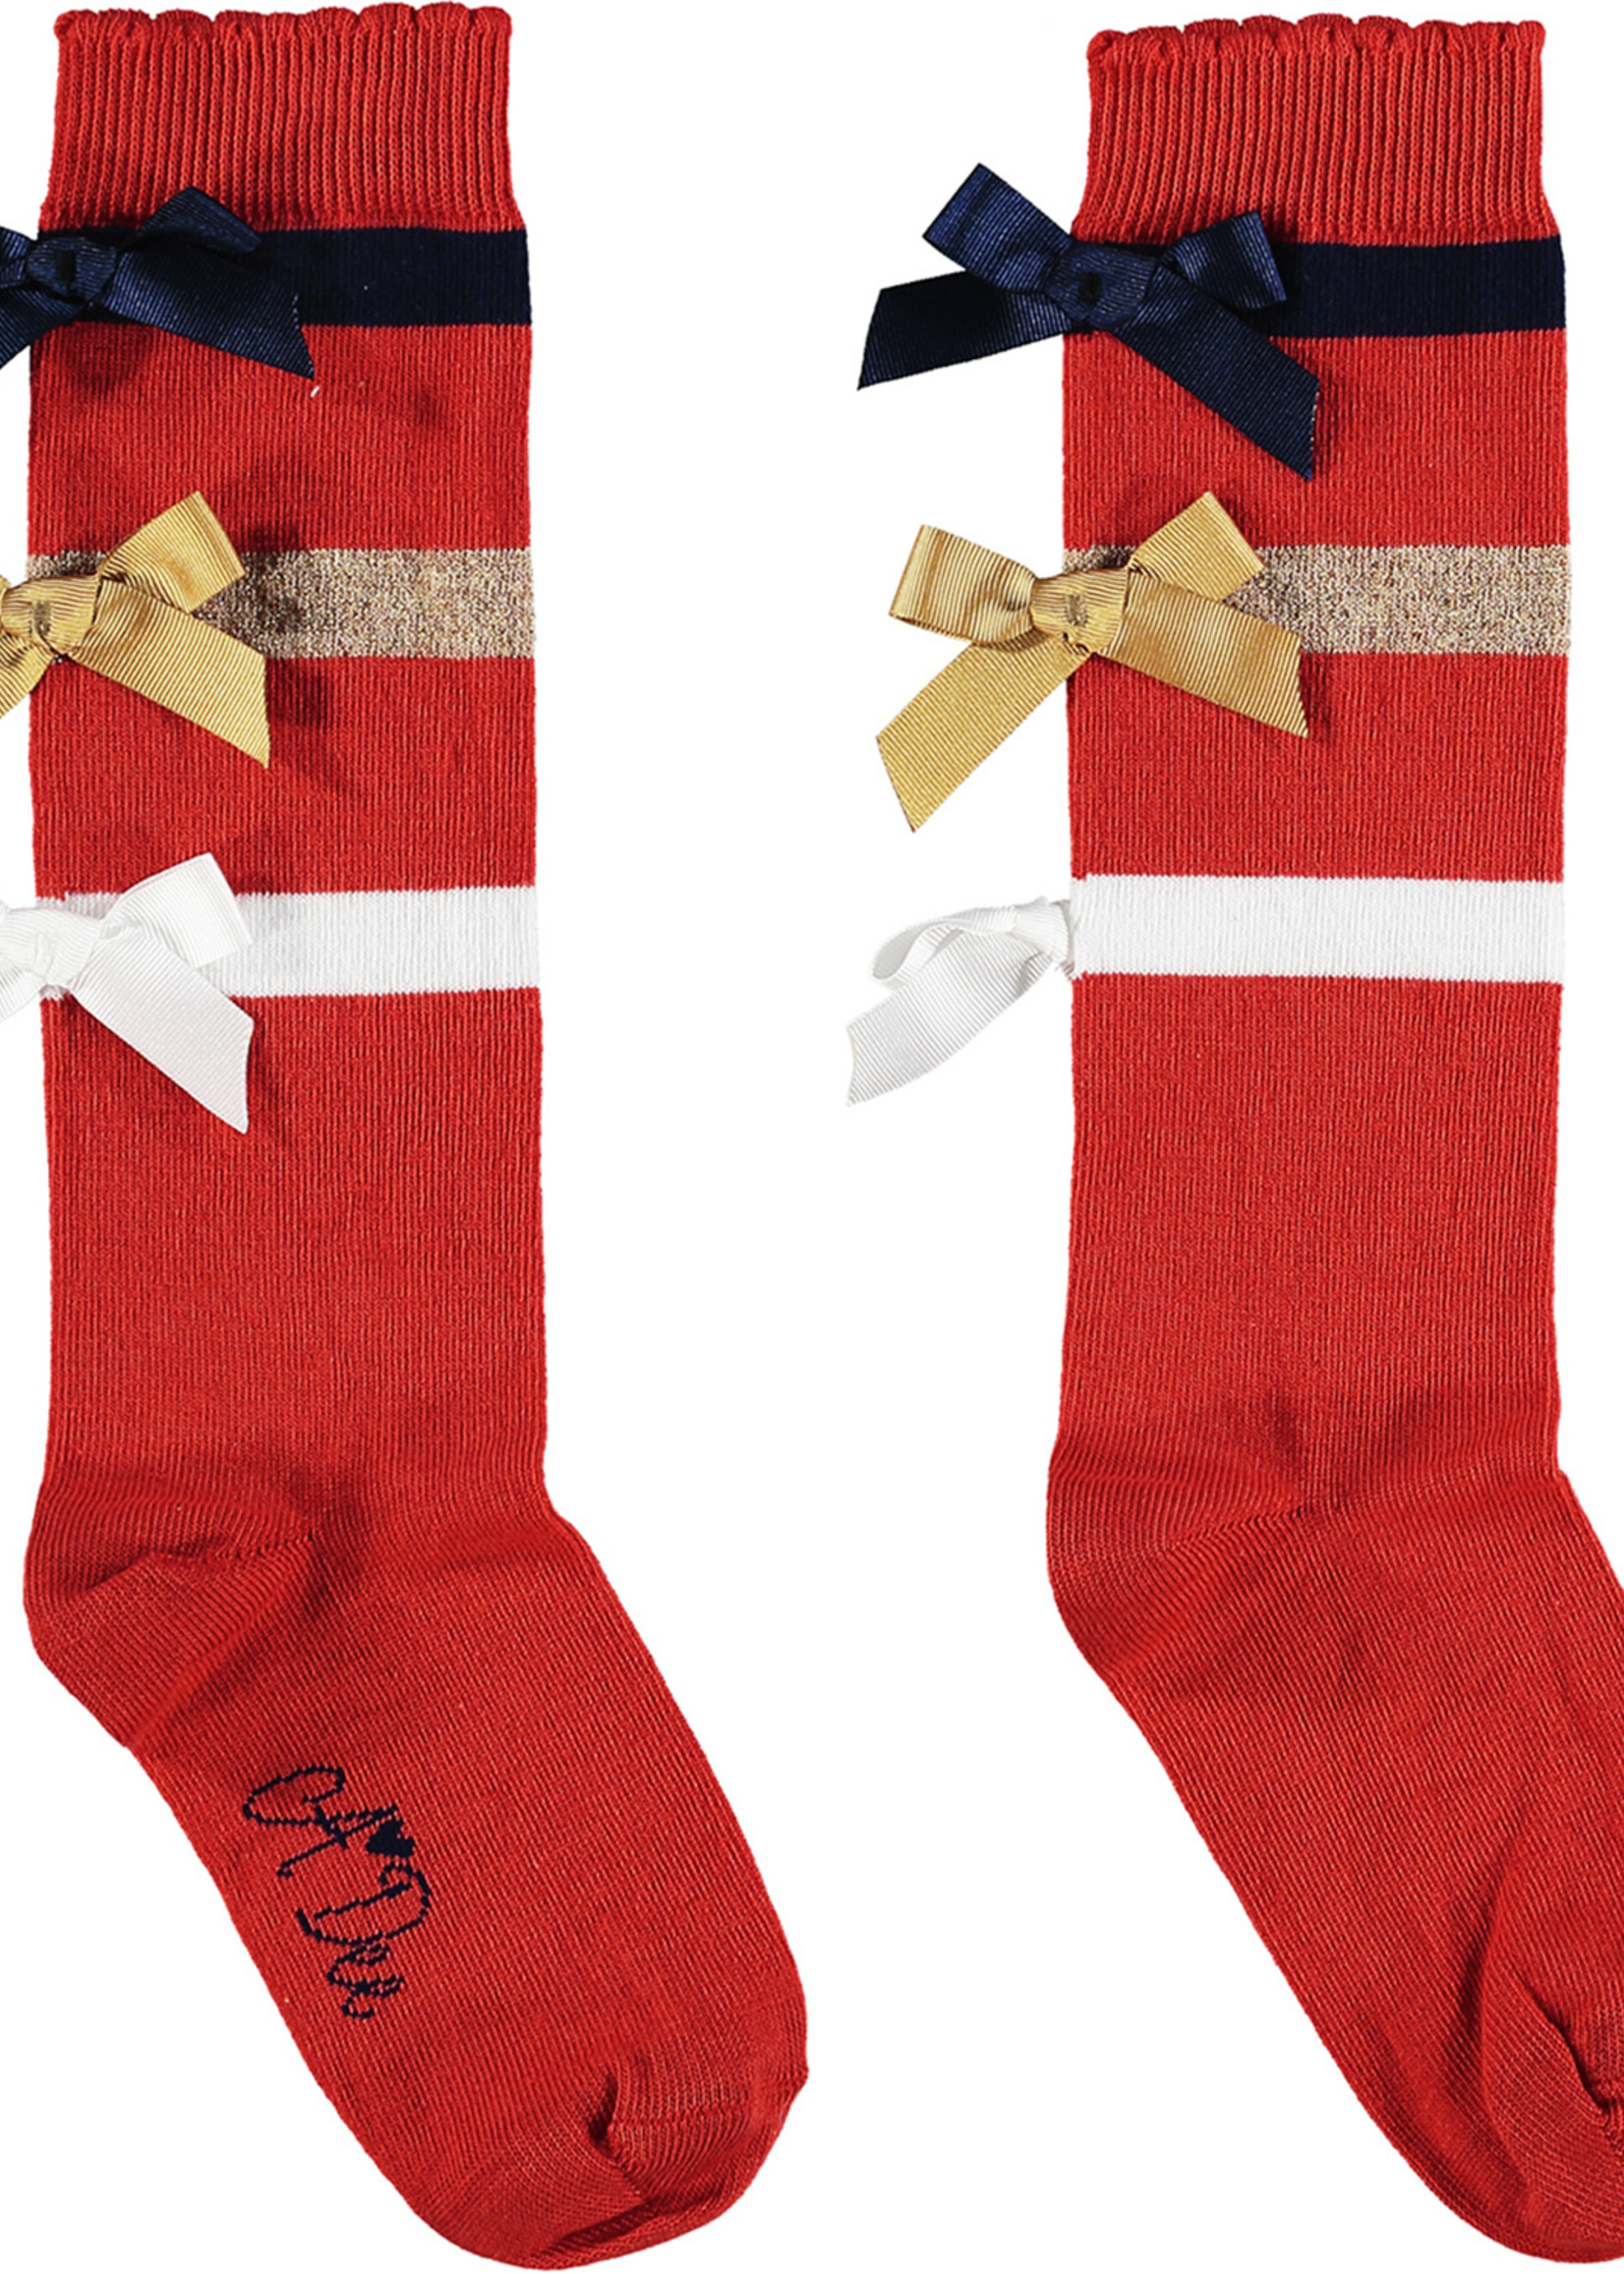 Adee Malin socks